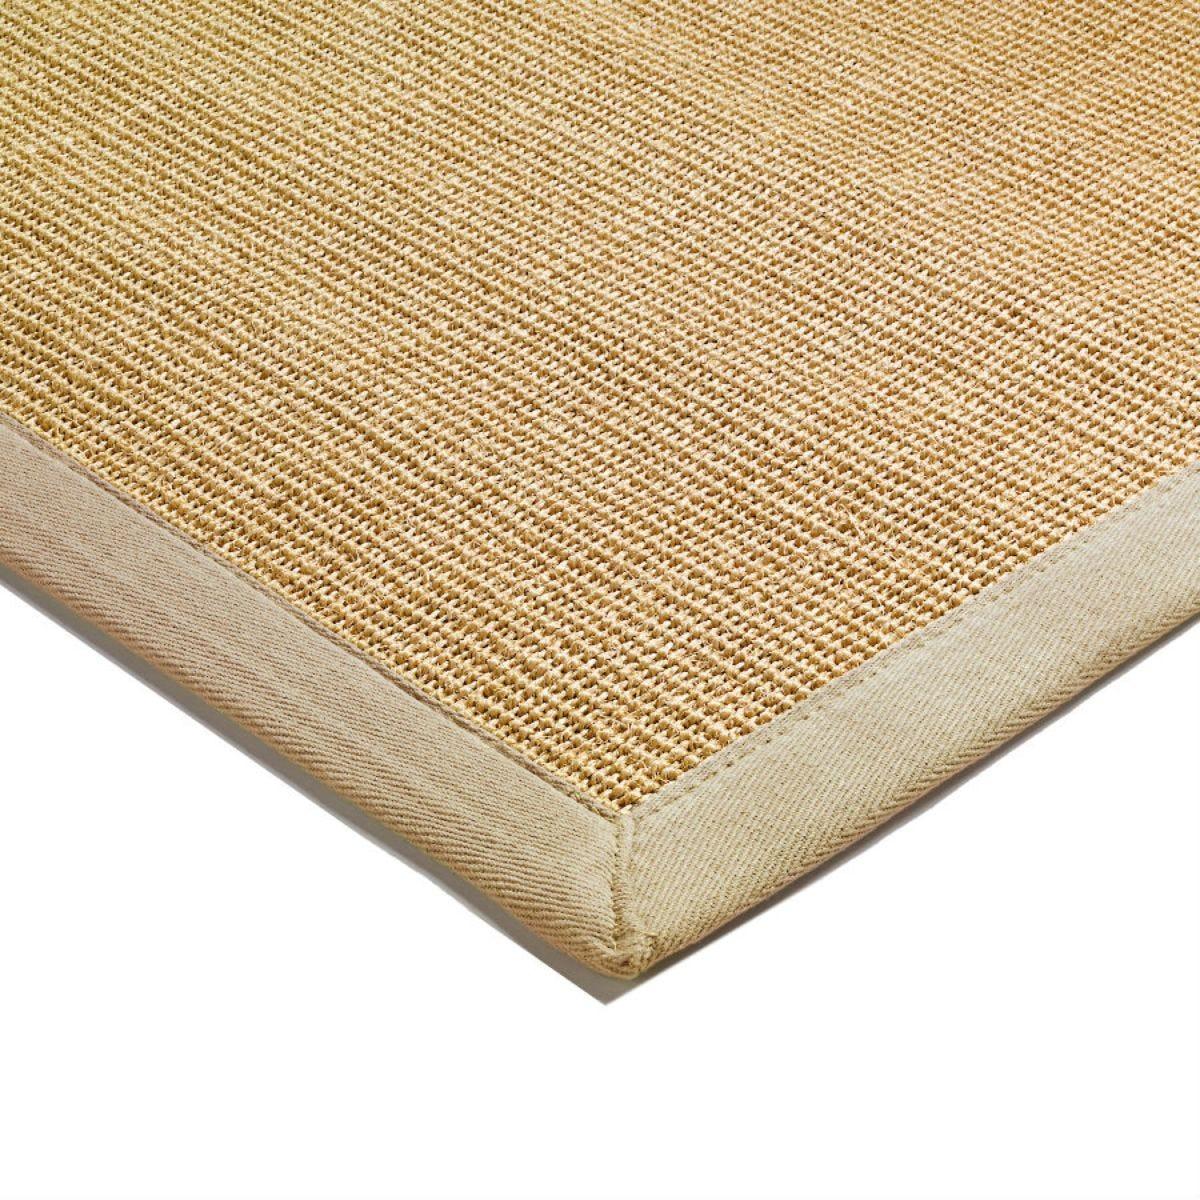 Asiatic Sisal Runner 300 x 68cm - Linen